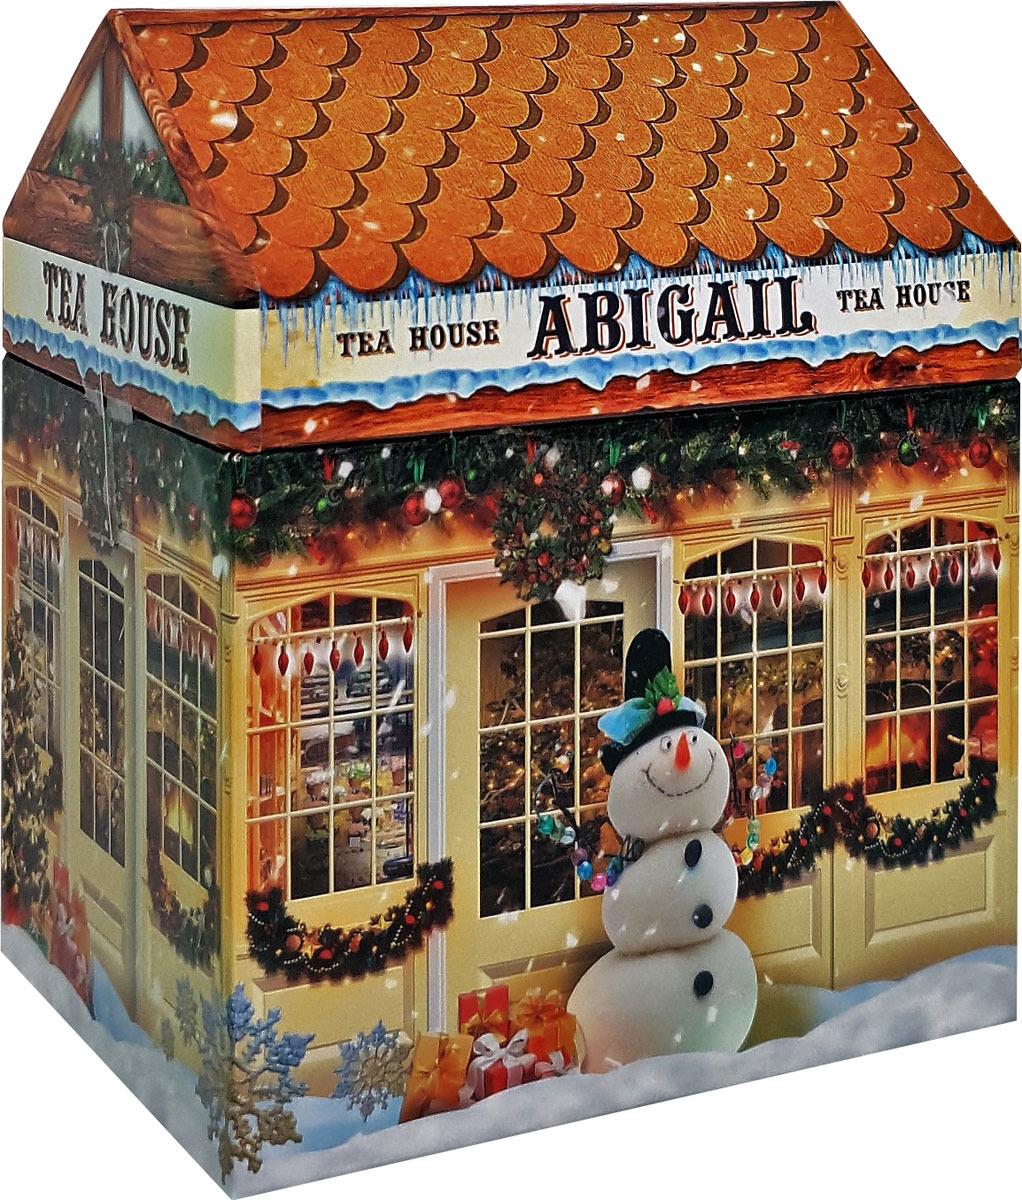 Чай листовой Abigail Чайный домик со снеговиком, сенча, 85 г чай листовой черный abigail праздник к нам приходит 85 г